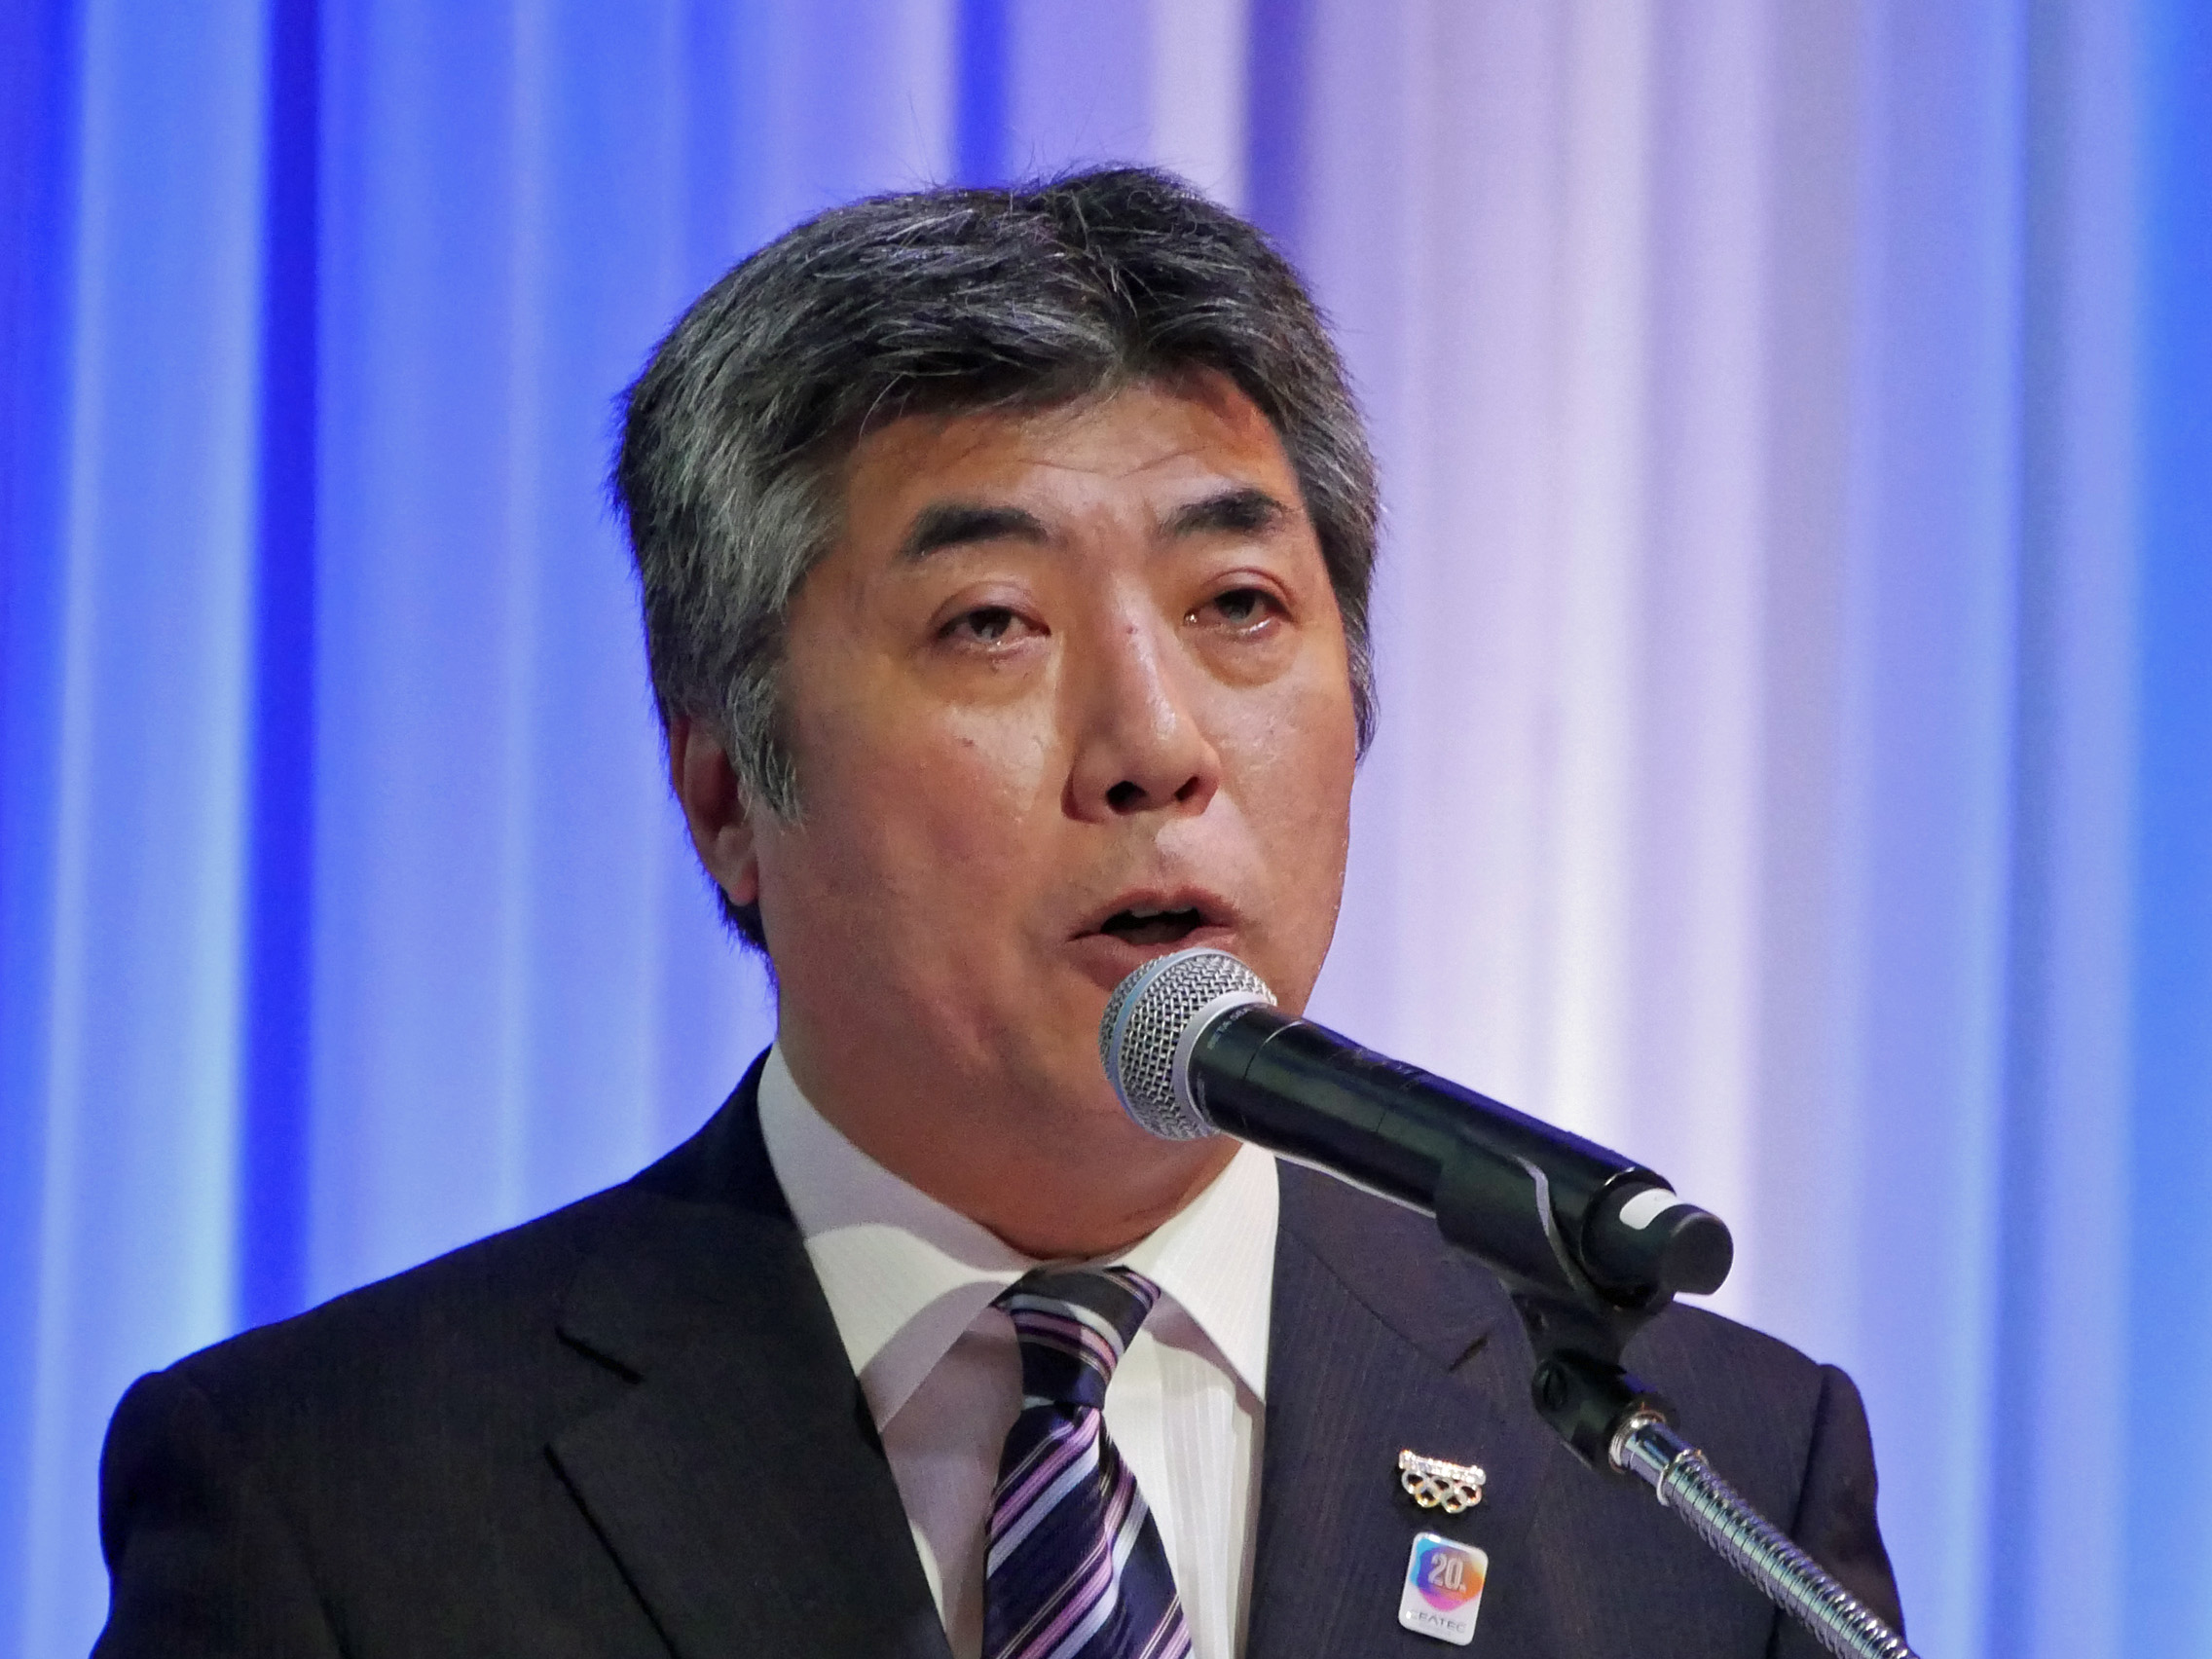 パナソニック コネクテッドソリューションズ社の坂元寛明副社長